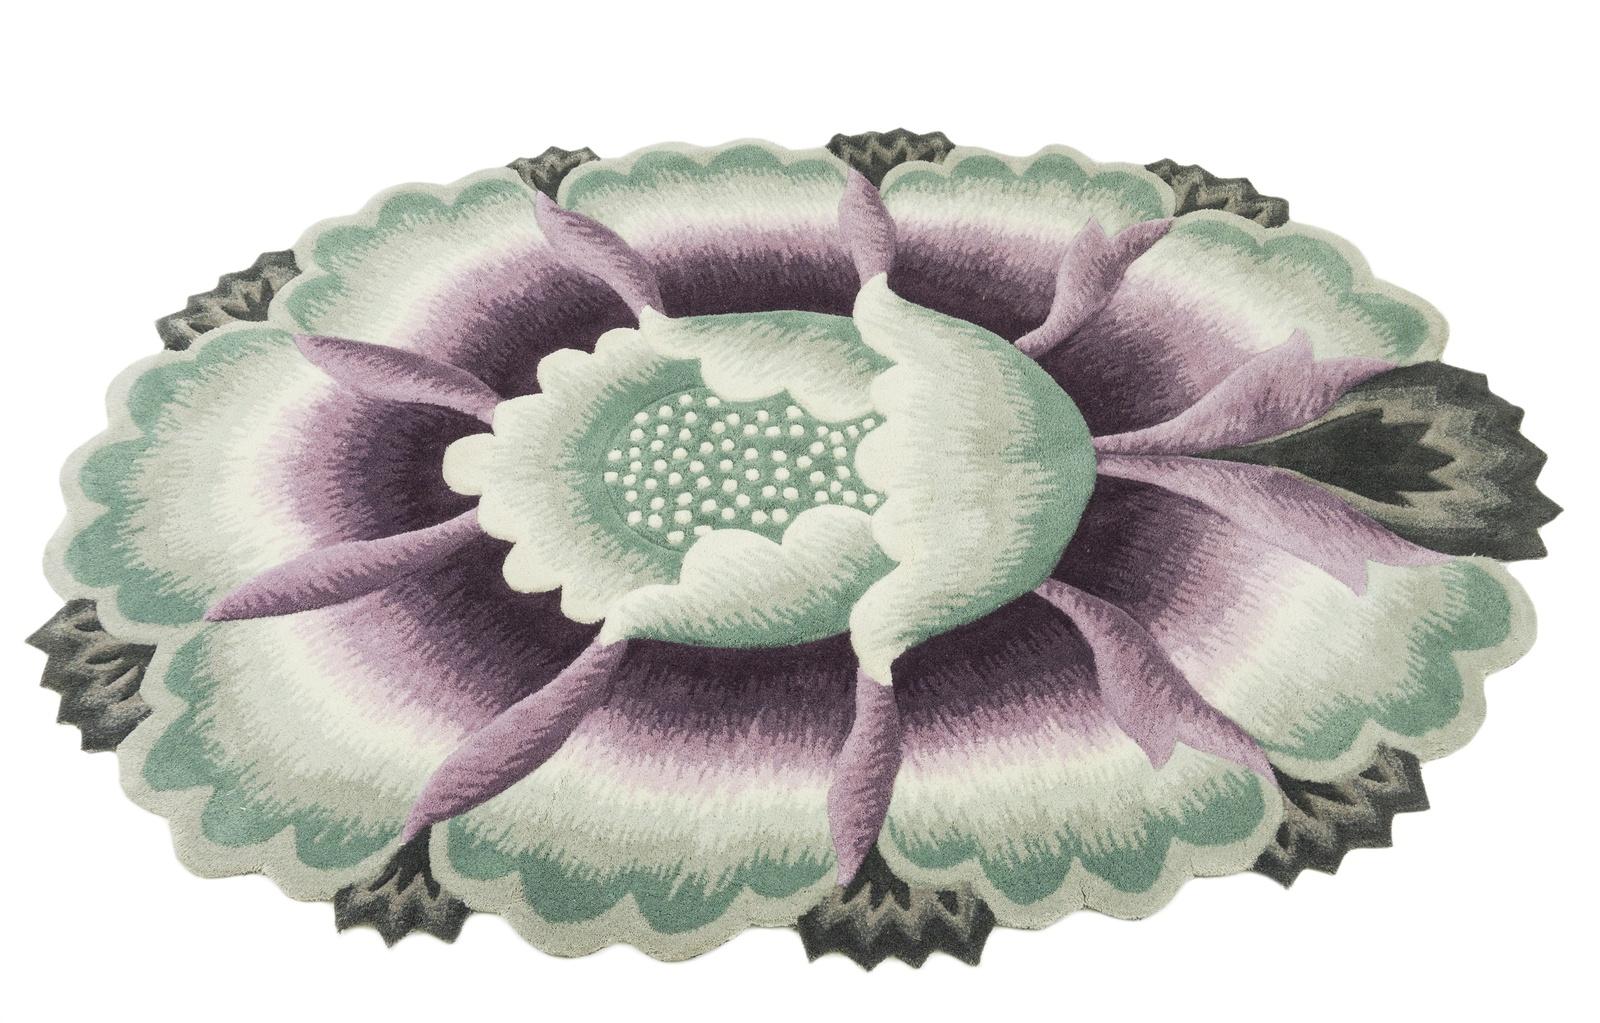 Ковер MADONNA 1,2х1,8 м /круг, салатовый